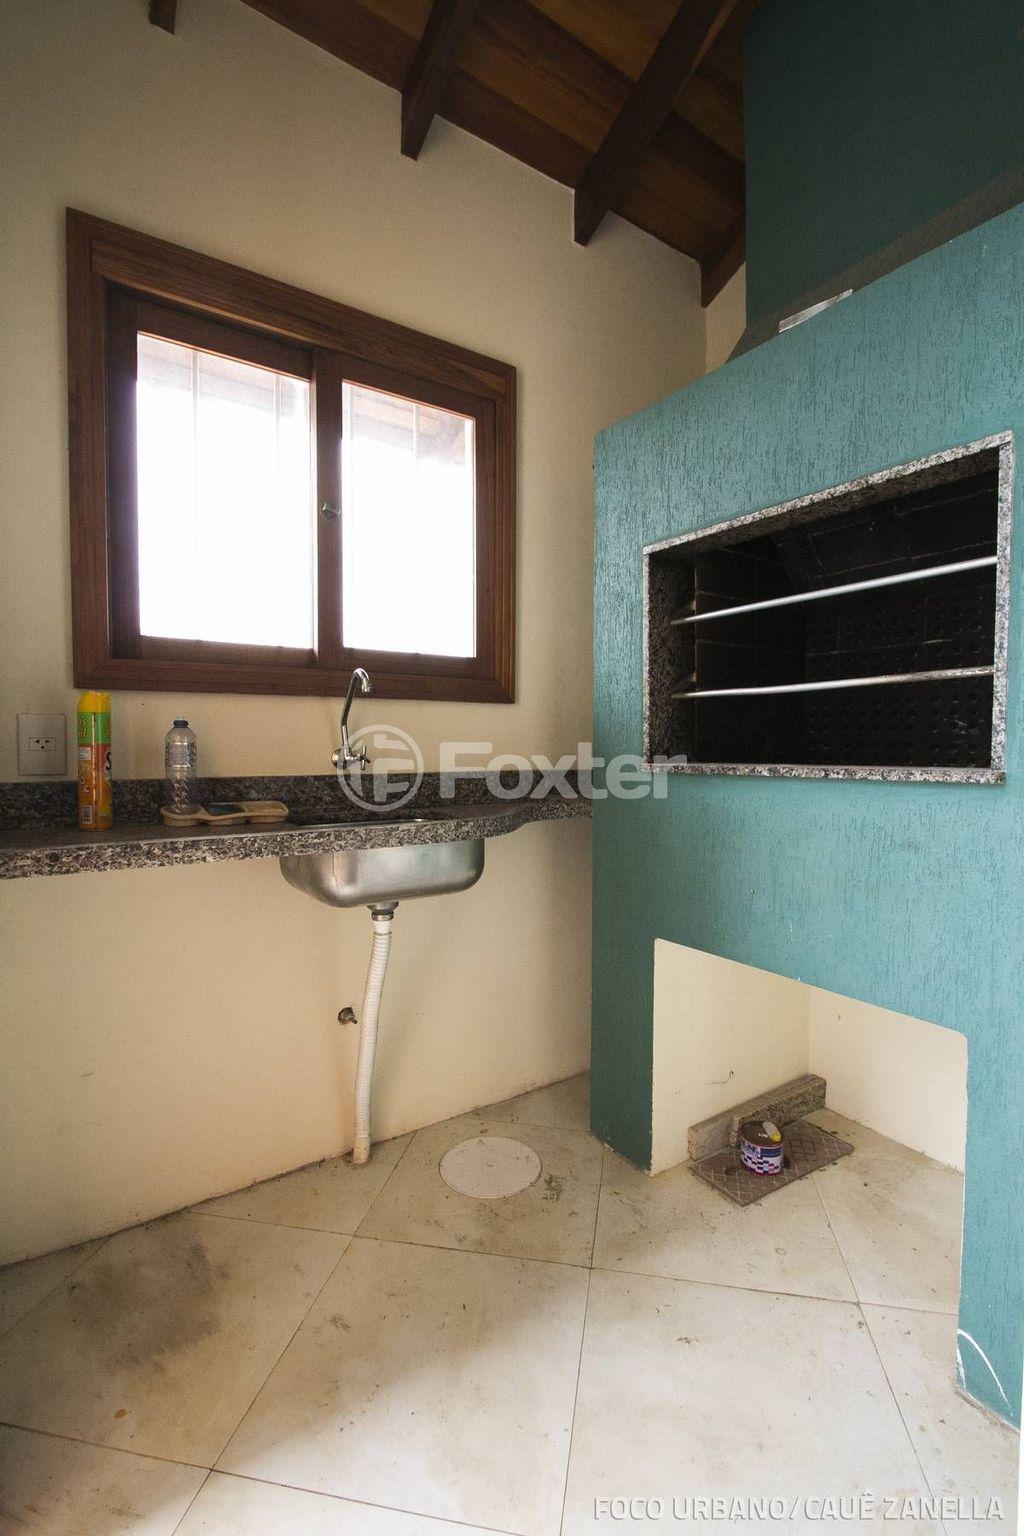 Foxter Imobiliária - Casa 4 Dorm, Hípica (119139) - Foto 36